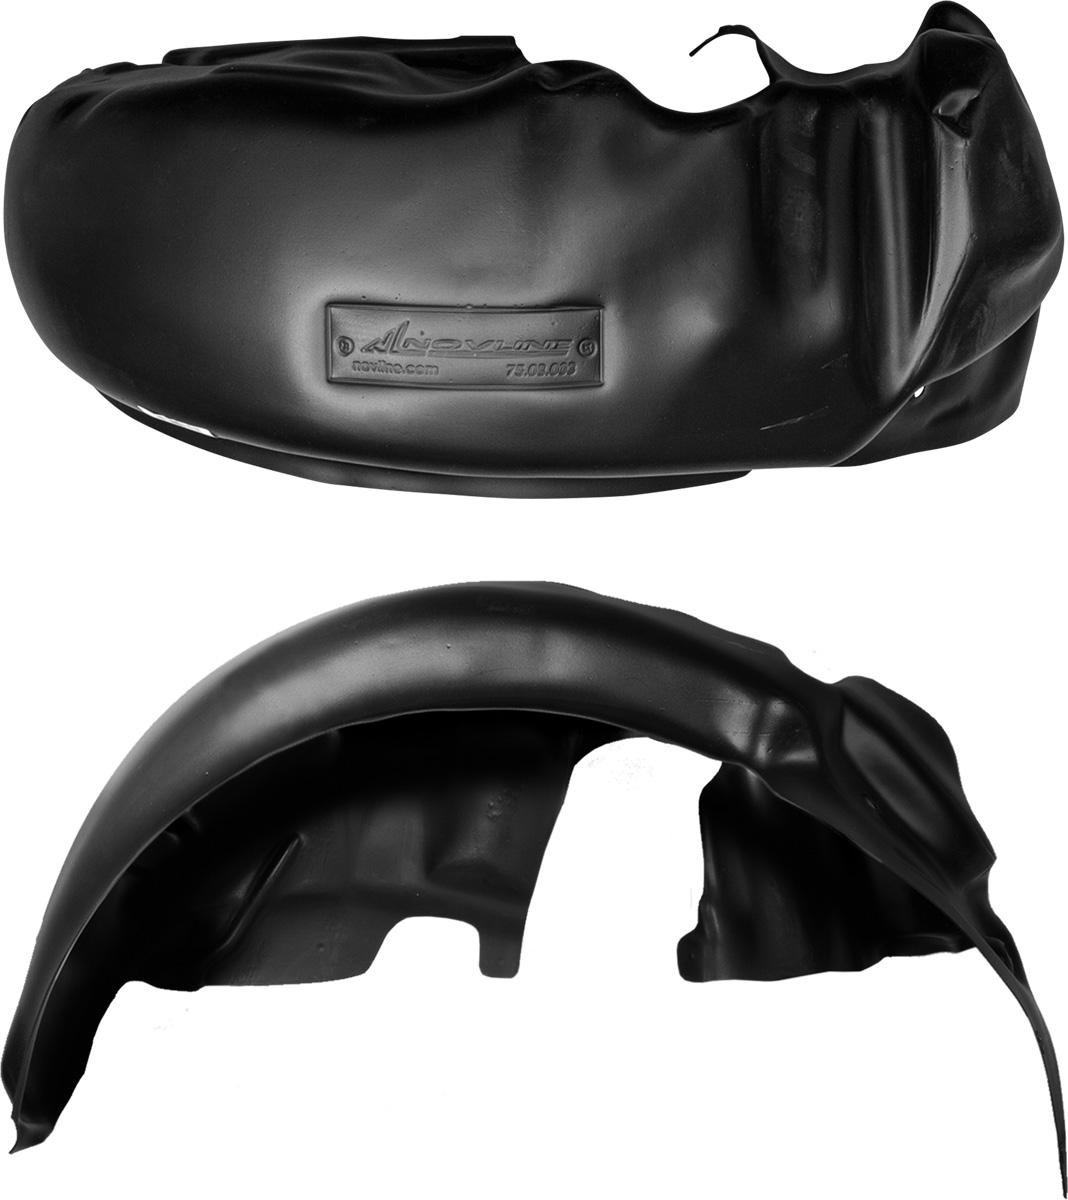 Комплект подкрылок Novline-Autofamily, для Ford Fusion 09/2002-2012, задние1750930Колесные ниши - одни из самых уязвимых зон днища вашего автомобиля. Они постоянно подвергаются воздействию со стороны дороги. Лучшая, почти абсолютная защита для них - специально отформованные пластиковые кожухи, которые называются подкрылками. Производятся они как для отечественных моделей автомобилей, так и для иномарок.Подкрылки Novline-Autofamily выполнены из высококачественного, экологически чистого пластика. Обеспечивают надежную защиту кузова автомобиля от пескоструйного эффекта и негативного влияния, агрессивных антигололедных реагентов. Пластик обладает более низкой теплопроводностью, чем металл, поэтому в зимний период эксплуатации использование пластиковых подкрылков позволяет лучше защитить колесные ниши от налипания снега и образования наледи.Оригинальность конструкции подчеркивает элегантность автомобиля, бережно защищает нанесенное на днище кузова антикоррозийное покрытие и позволяет осуществить крепление подкрылков внутри колесной арки практически без дополнительного крепежа и сверления, не нарушая при этом лакокрасочного покрытия, что предотвращает возникновение новых очагов коррозии. Подкрылки долговечны, обладают высокой прочностью и сохраняют заданную форму, а также все свои физико-механические характеристики в самых тяжелых климатических условиях (от -50°С до +50°С). Уважаемые клиенты! Обращаем ваше внимание, на тот факт, что подкрылок имеет форму, соответствующую модели данного автомобиля. Фото служит для визуального восприятия товара.